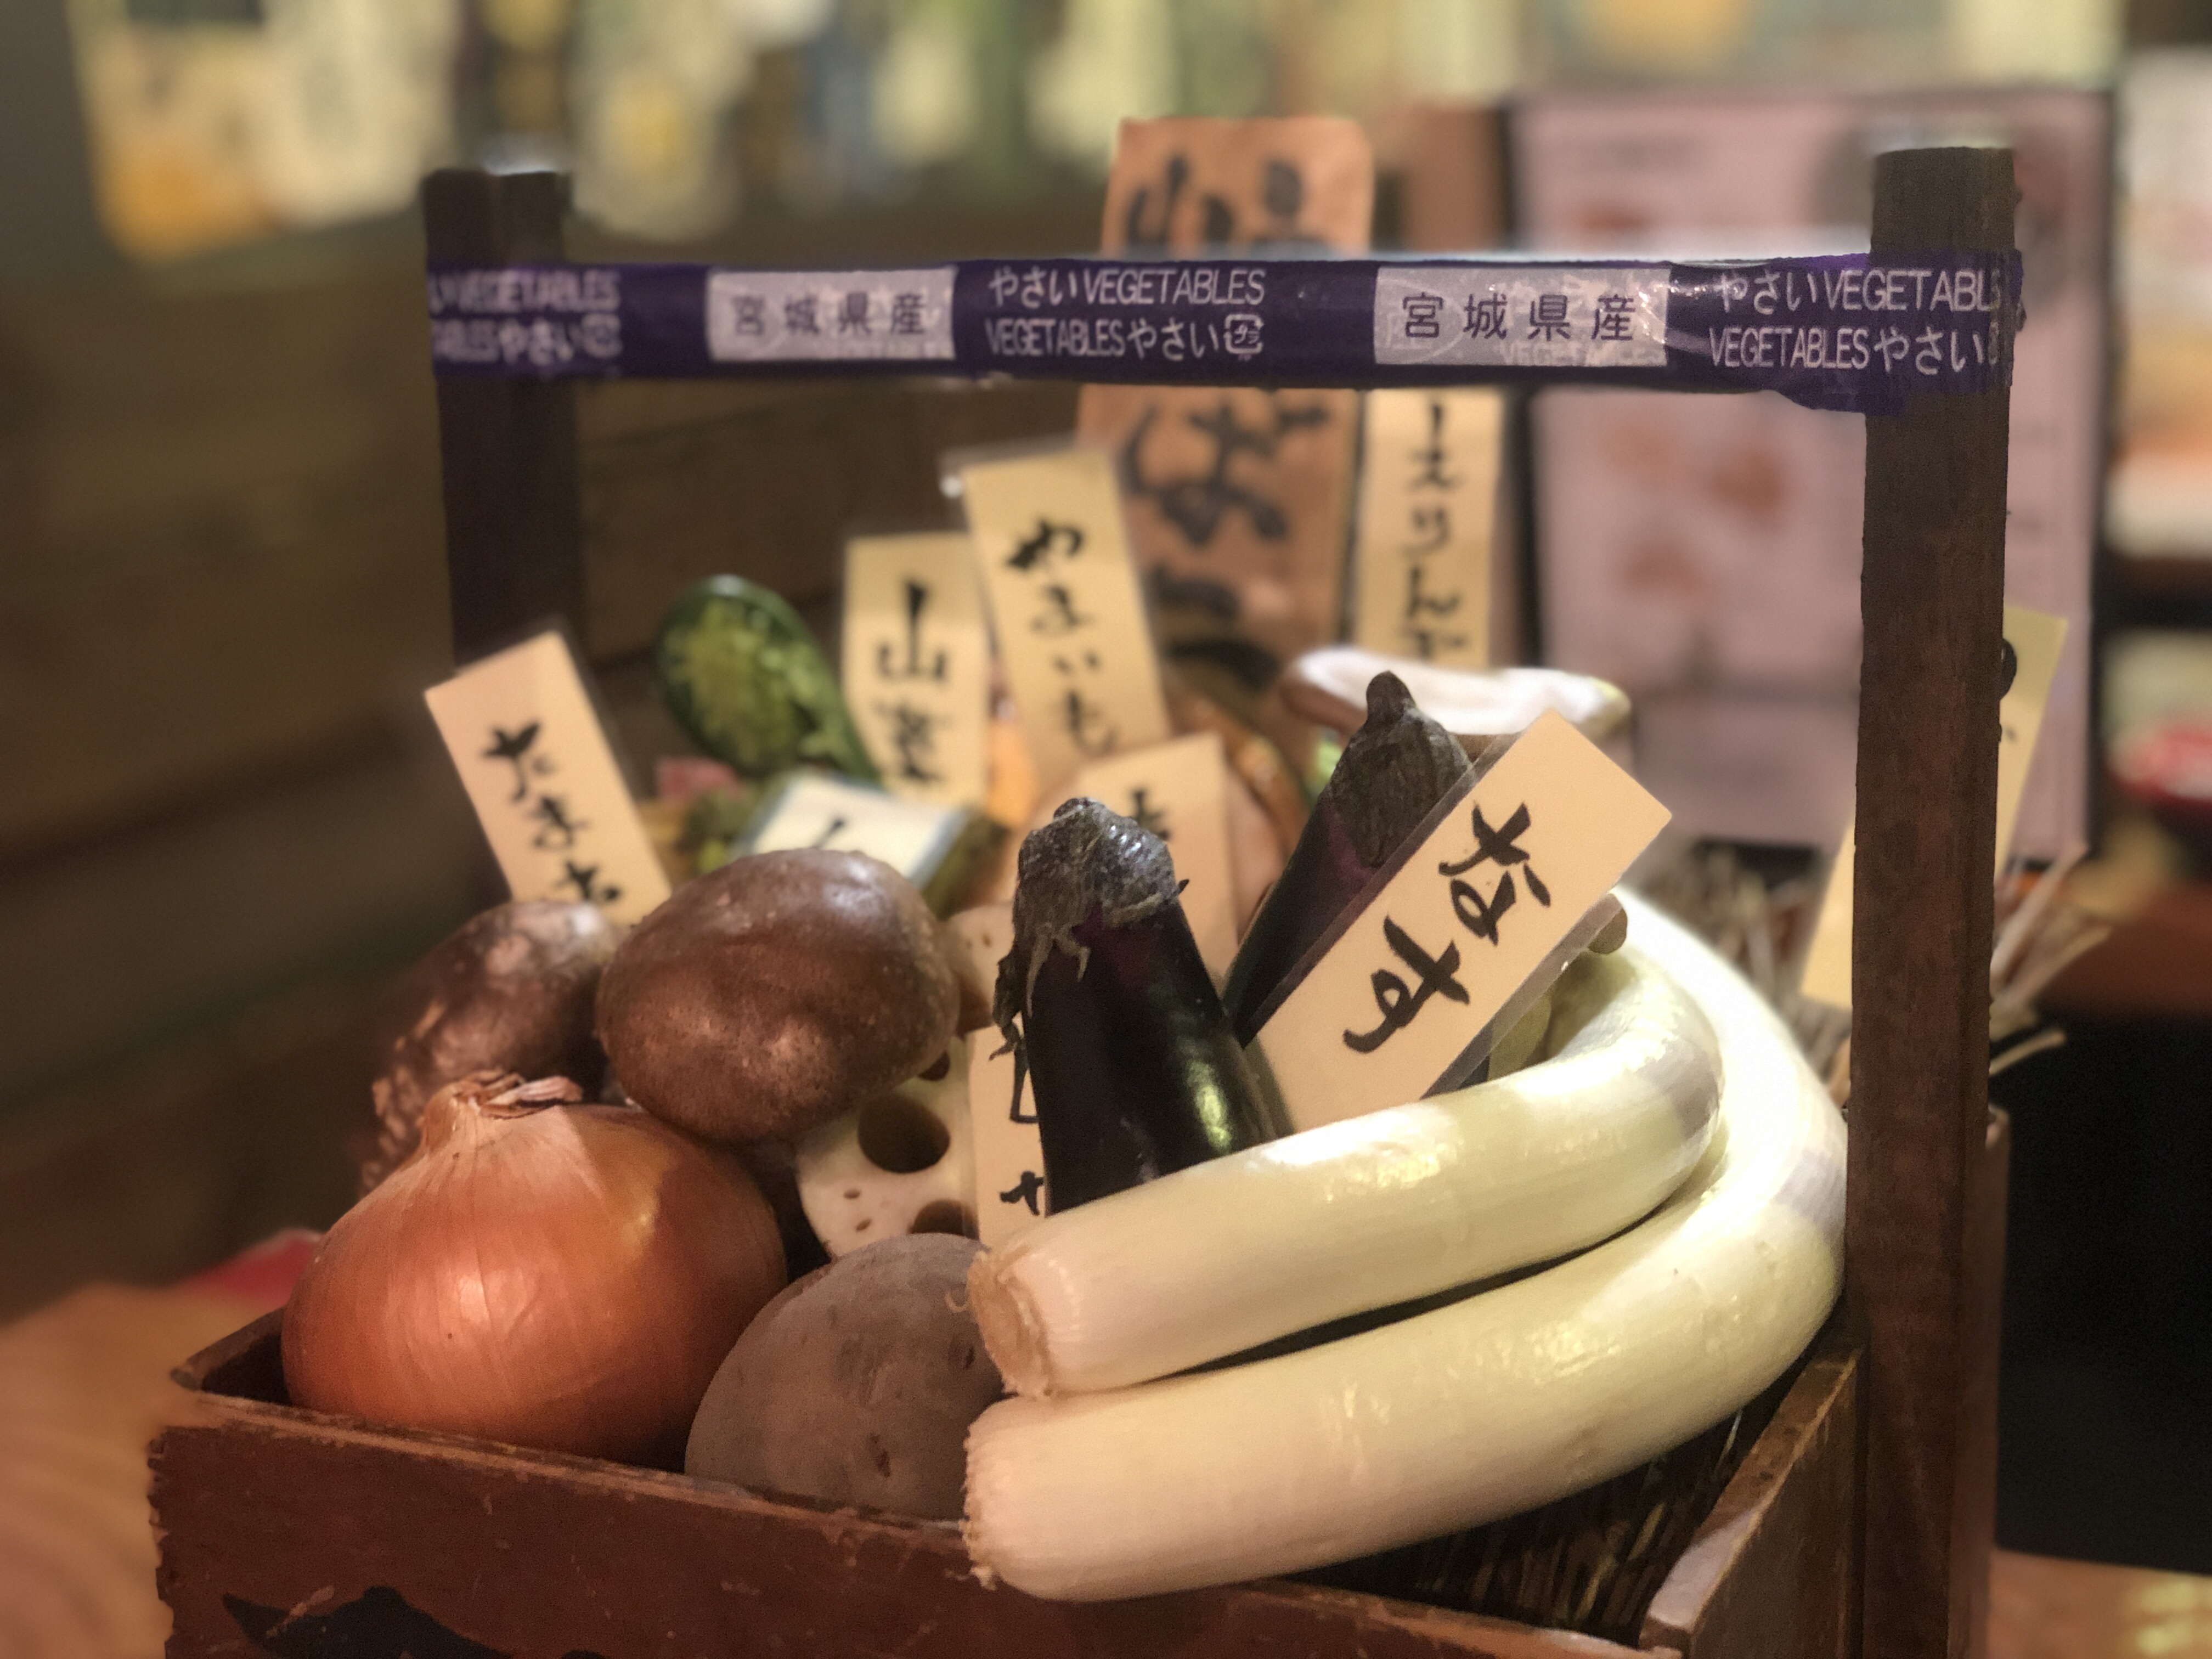 miyagi-vegetables